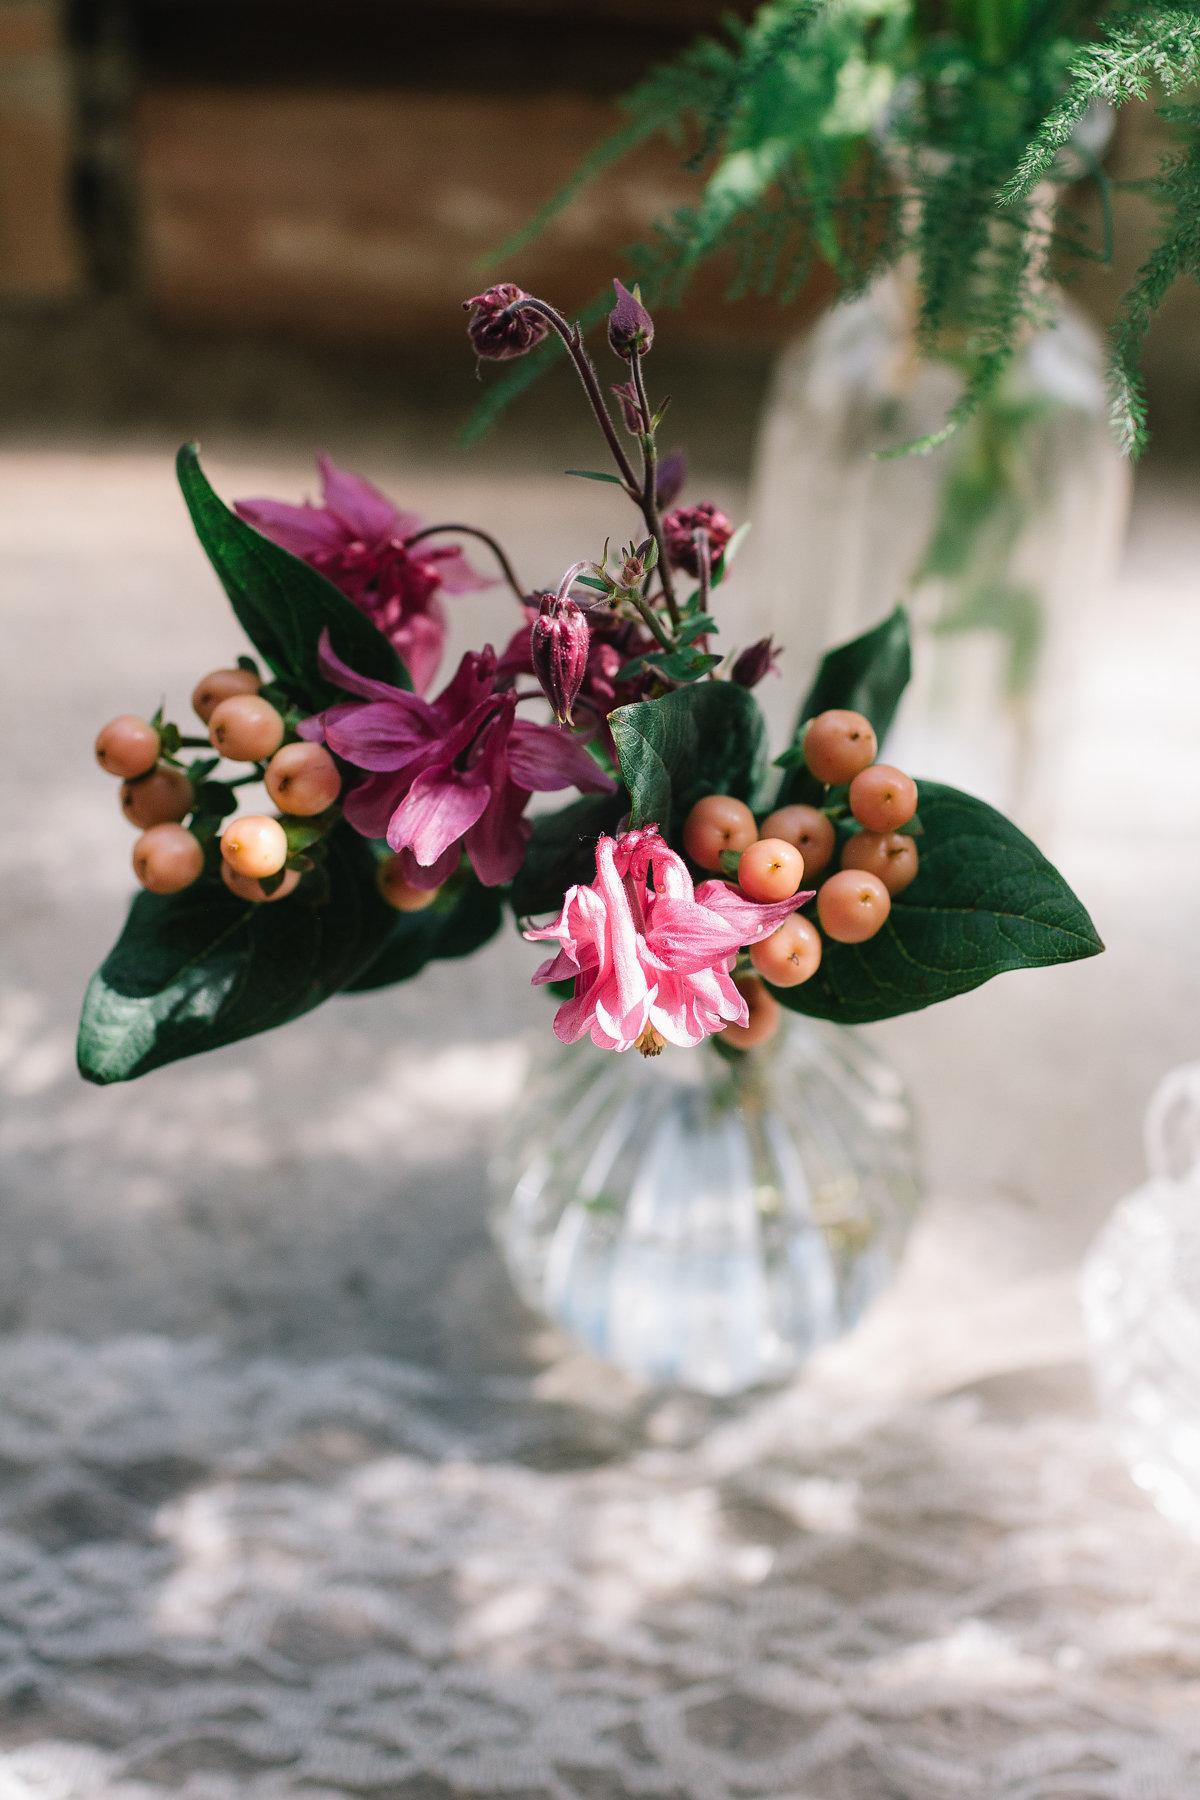 composizione con fiori e bacche